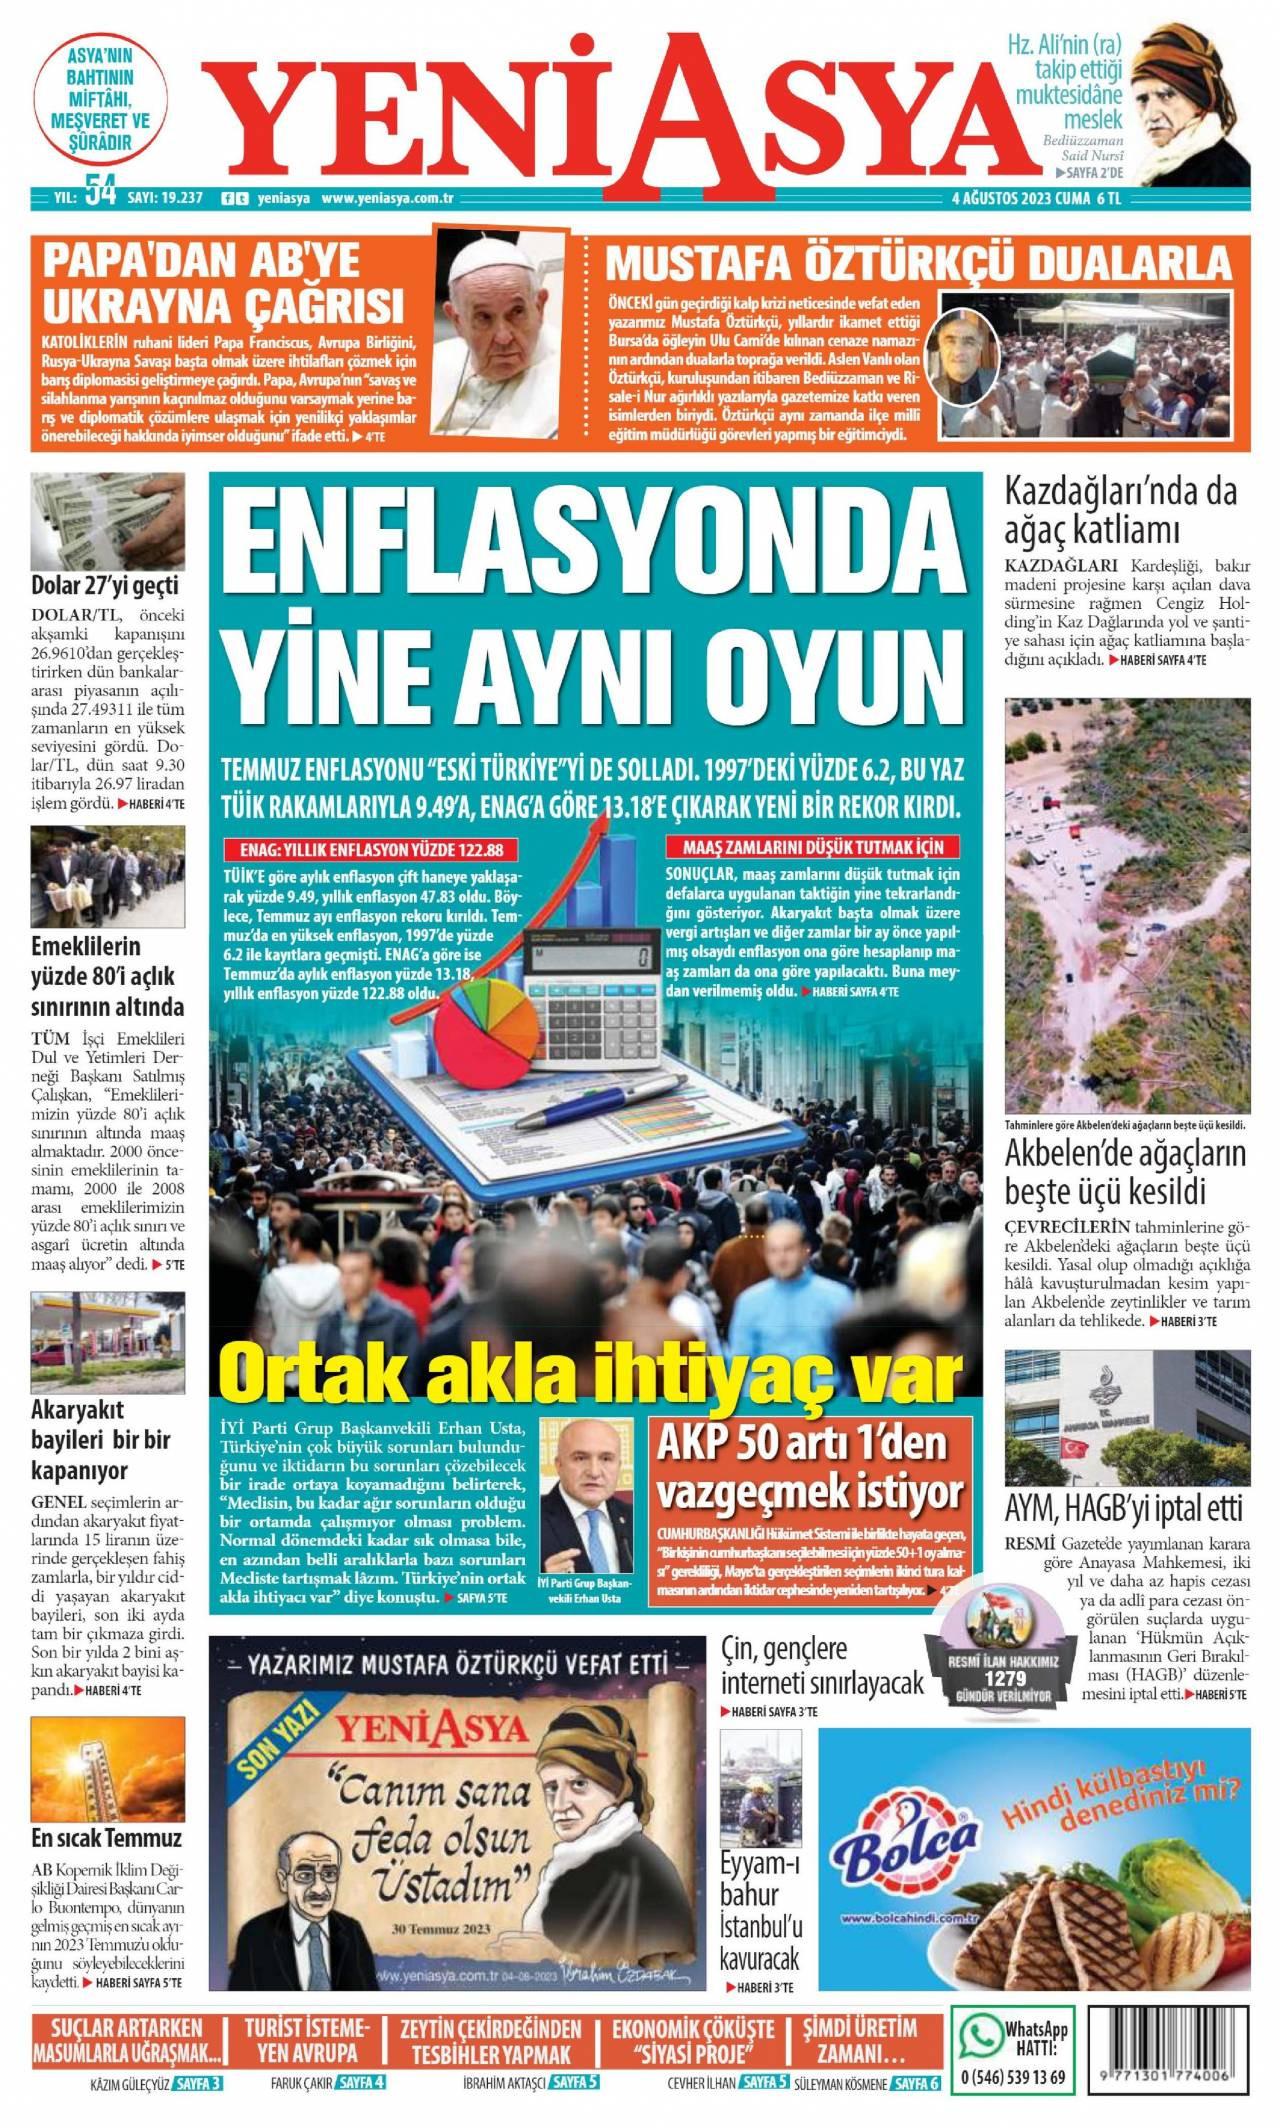 18 Eylül 2020, Cuma yeniasya Gazetesi